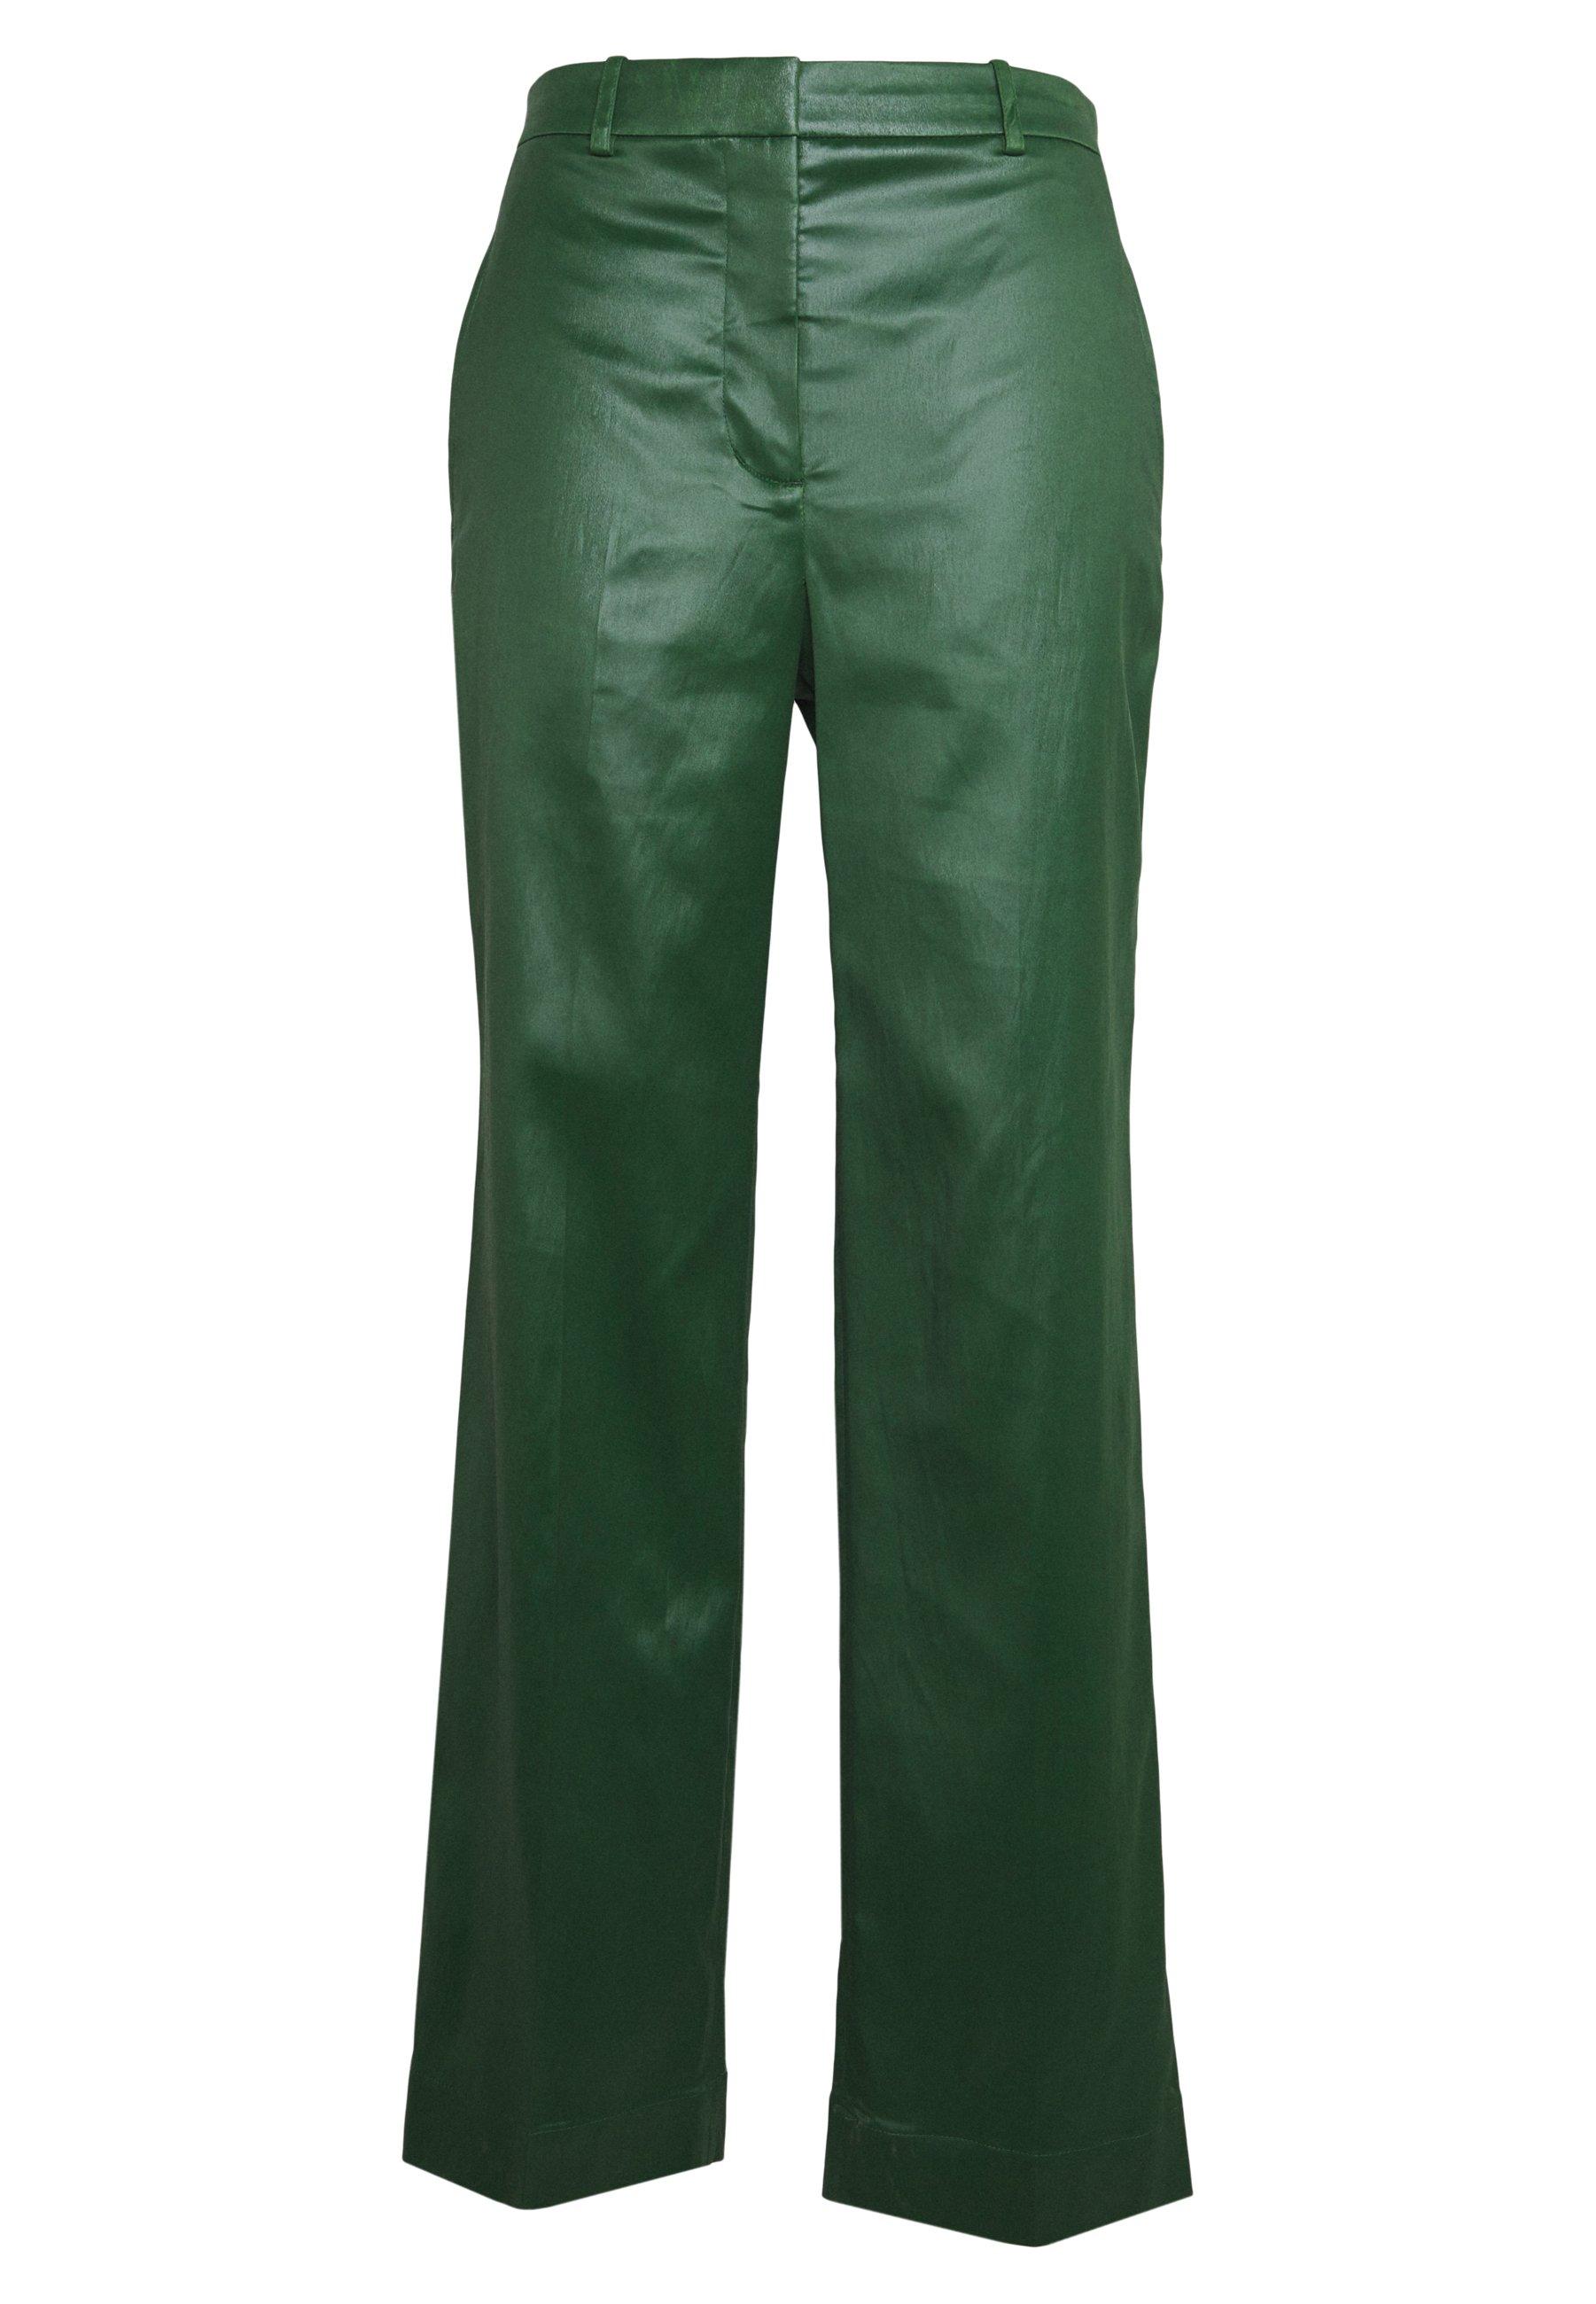 3.1 Phillip Lim Full Leg Trouser - Tygbyxor Vetiver Green